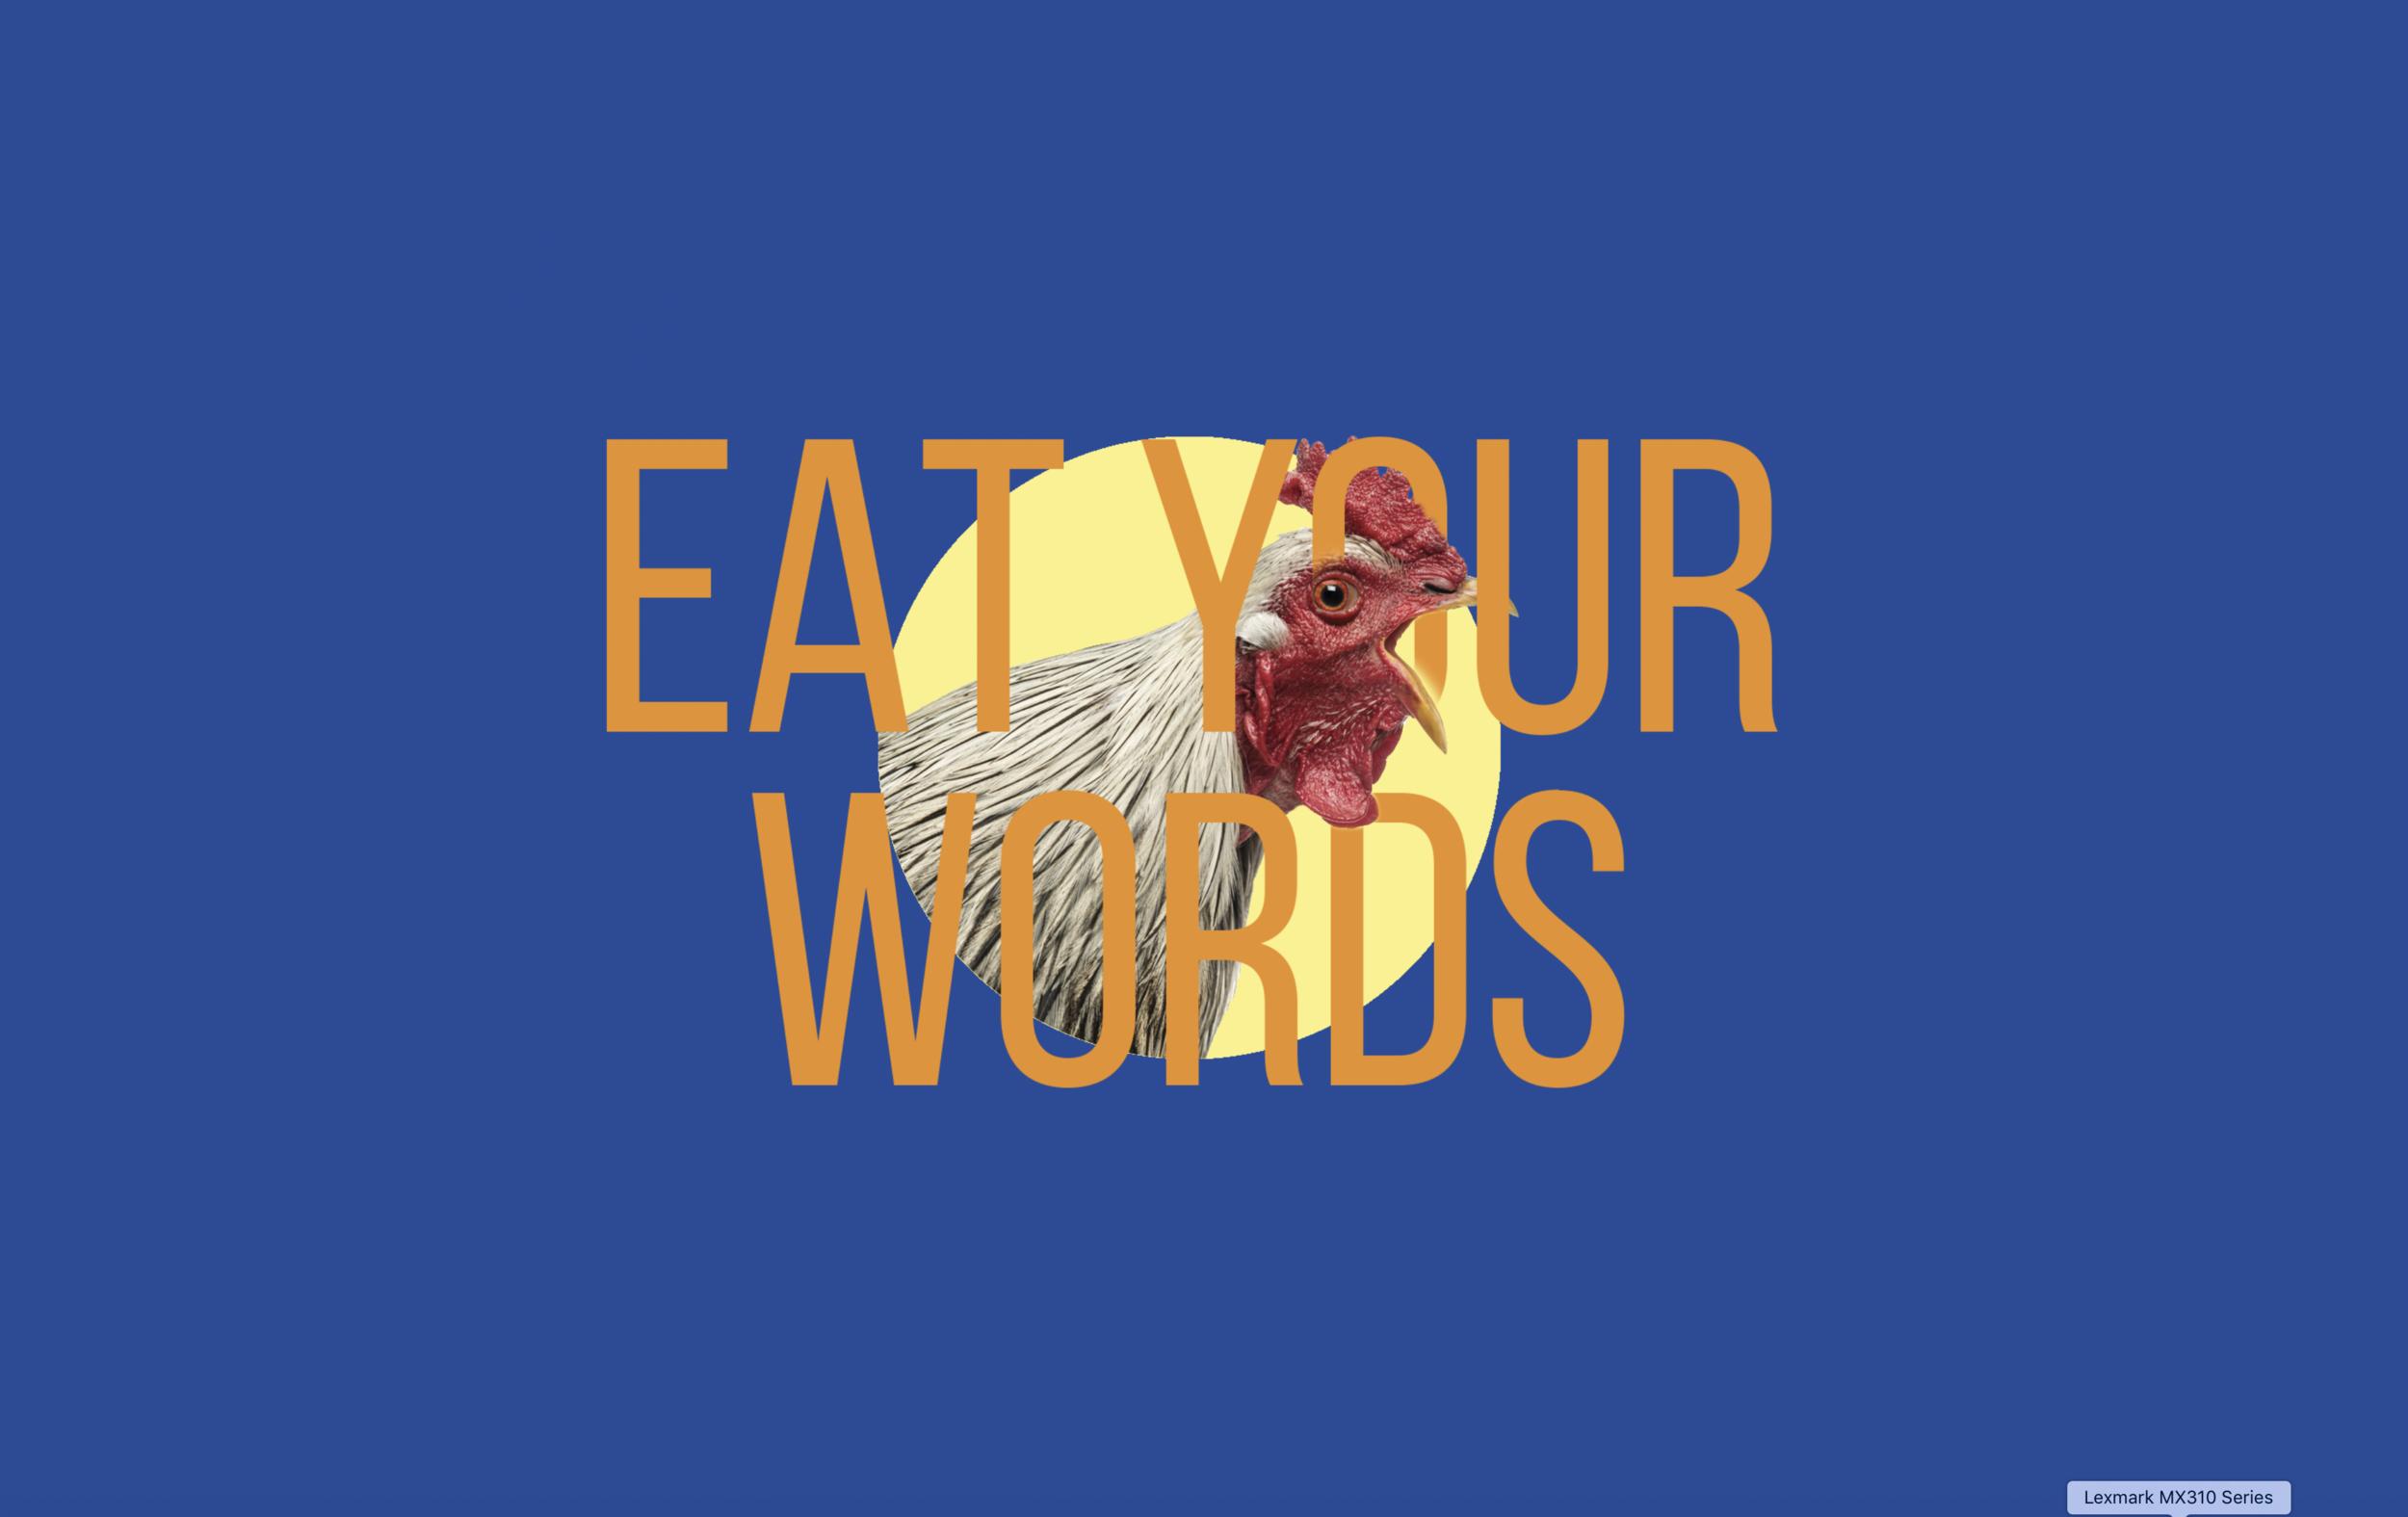 eatyourwords-contact-us